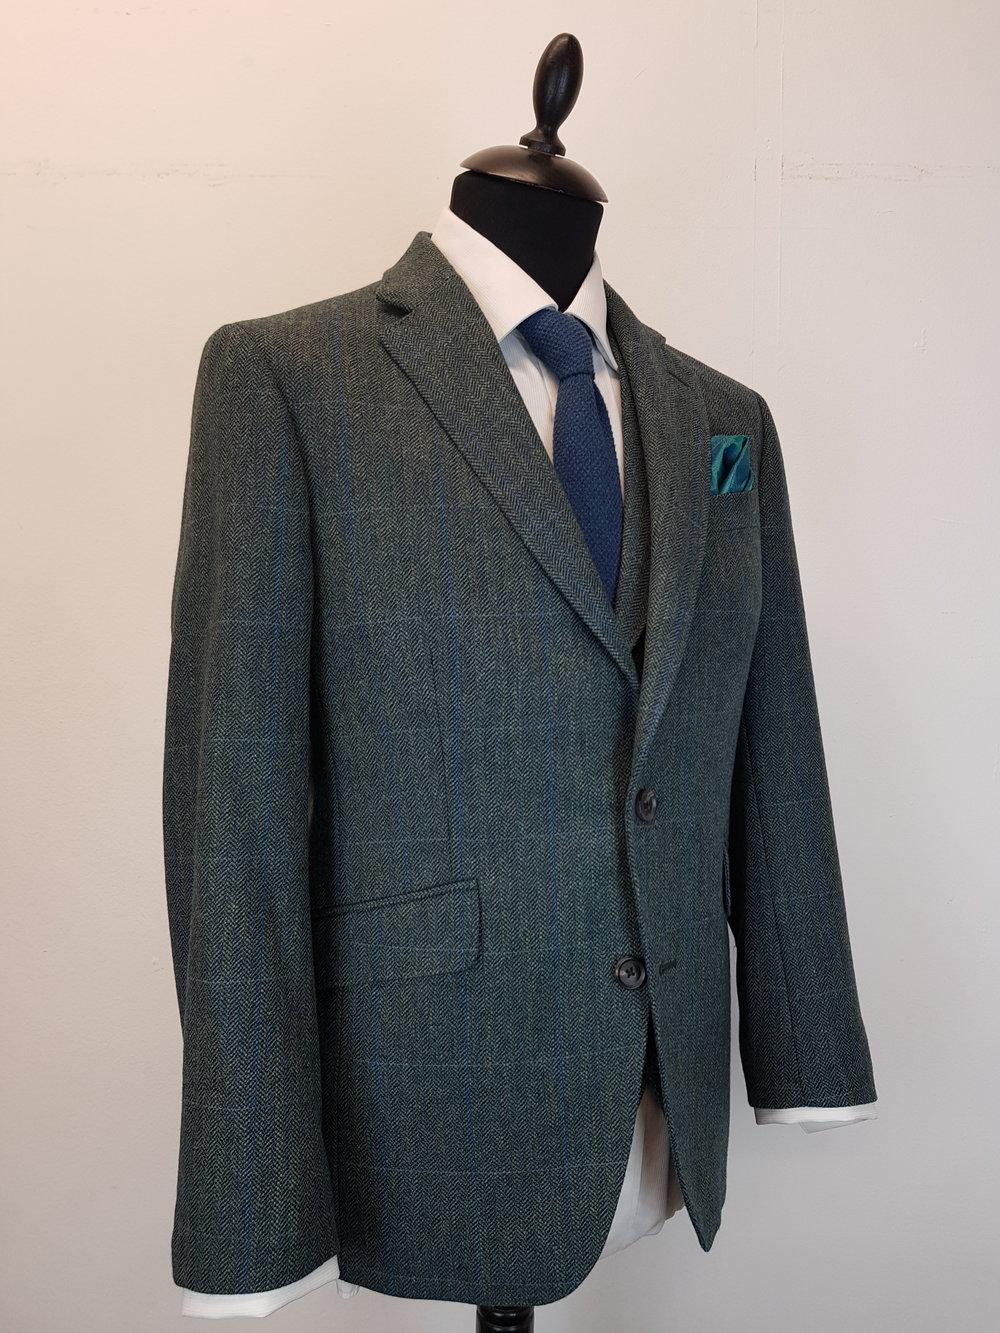 3 Piece Herringbone and check tweed suit (9).jpg